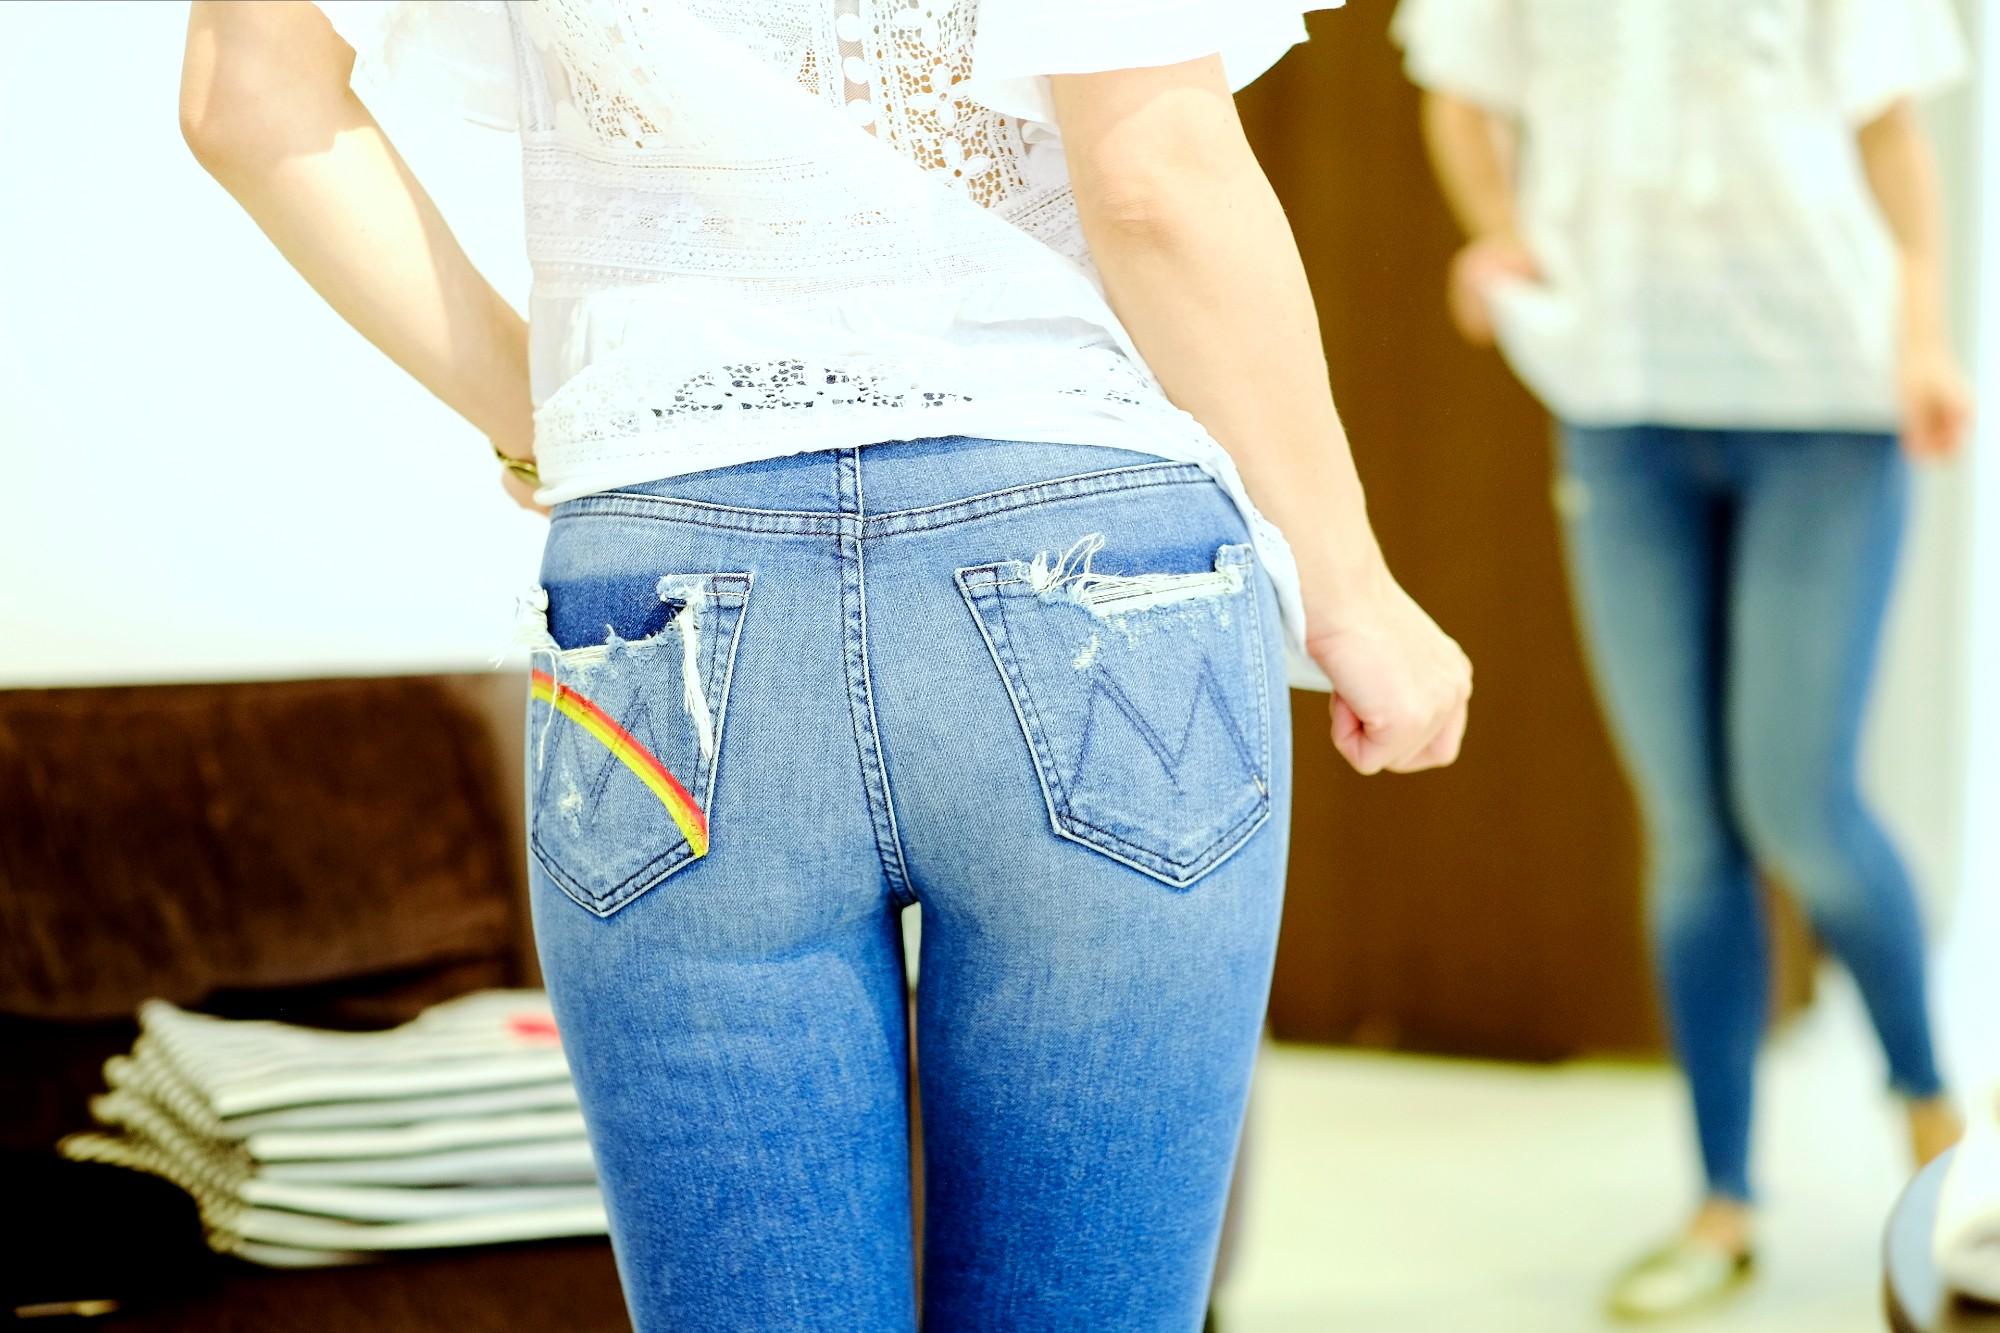 Die Jeans, das Symbol von Freiheit und Rebellion